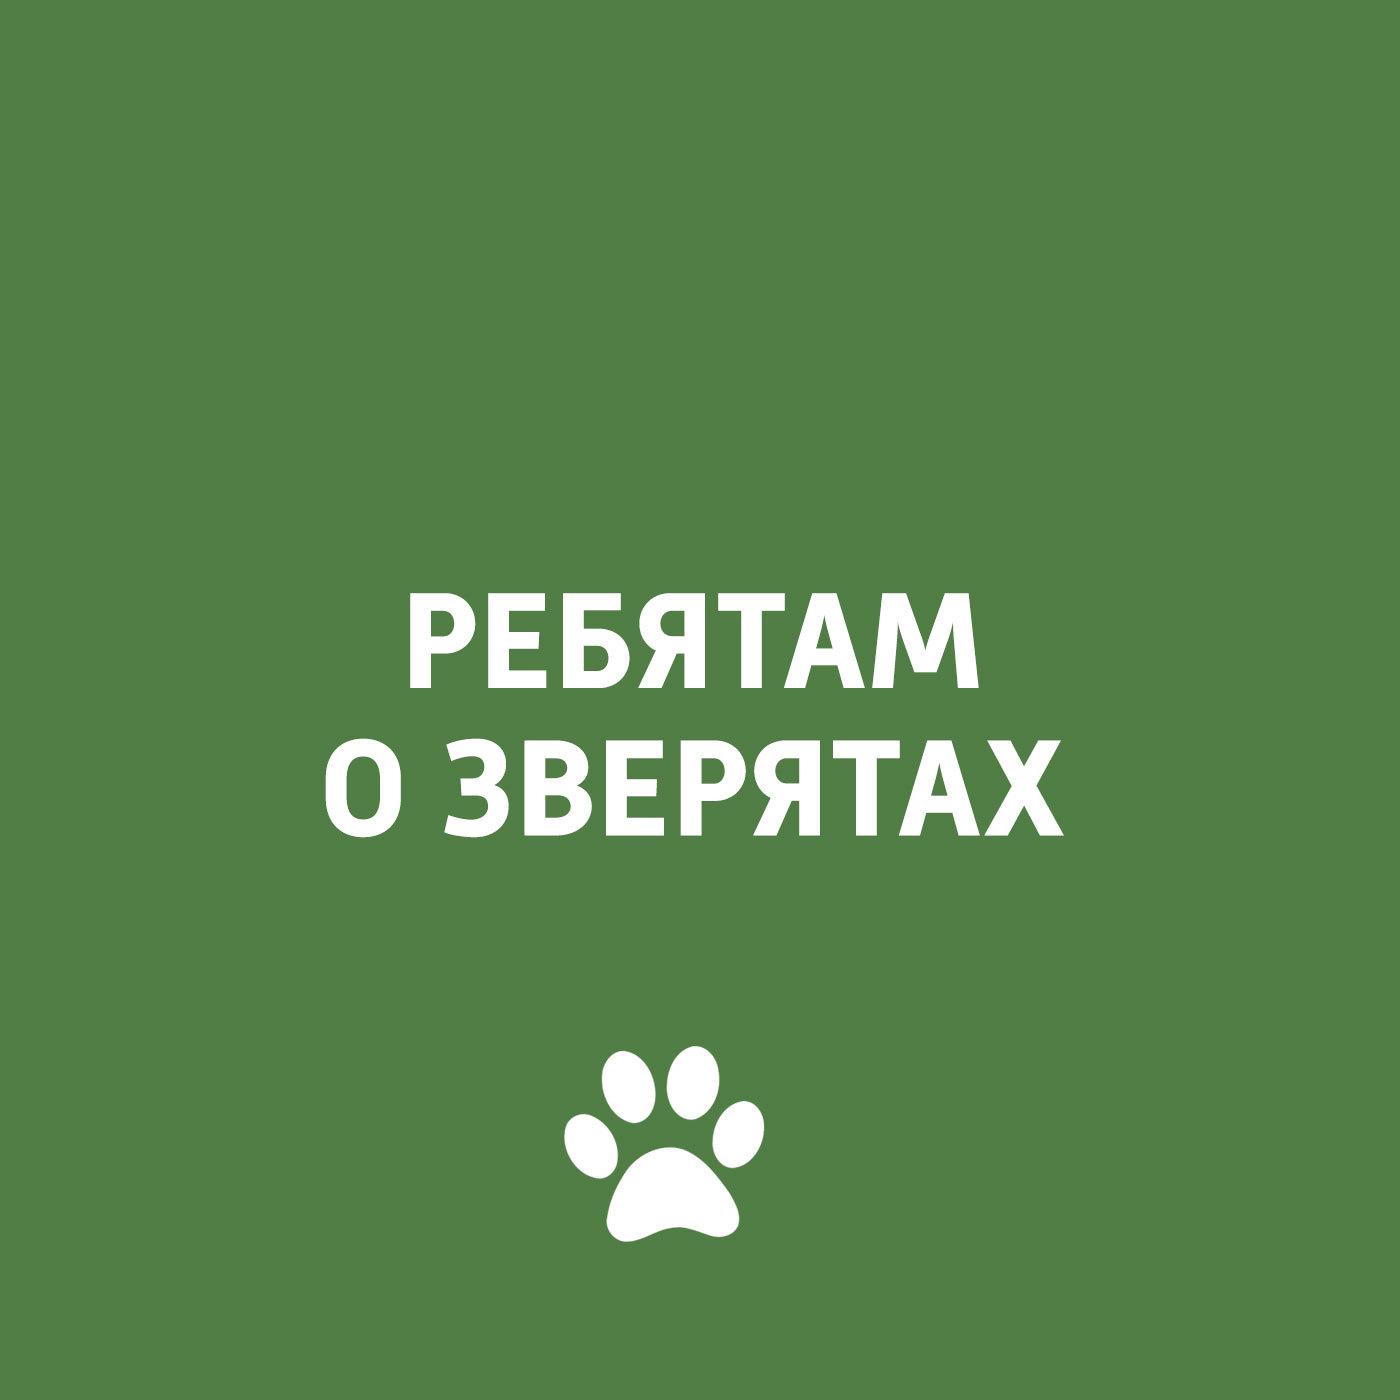 Творческий коллектив программы «Пора домой» О взаимоотношениях собаки и хозяина